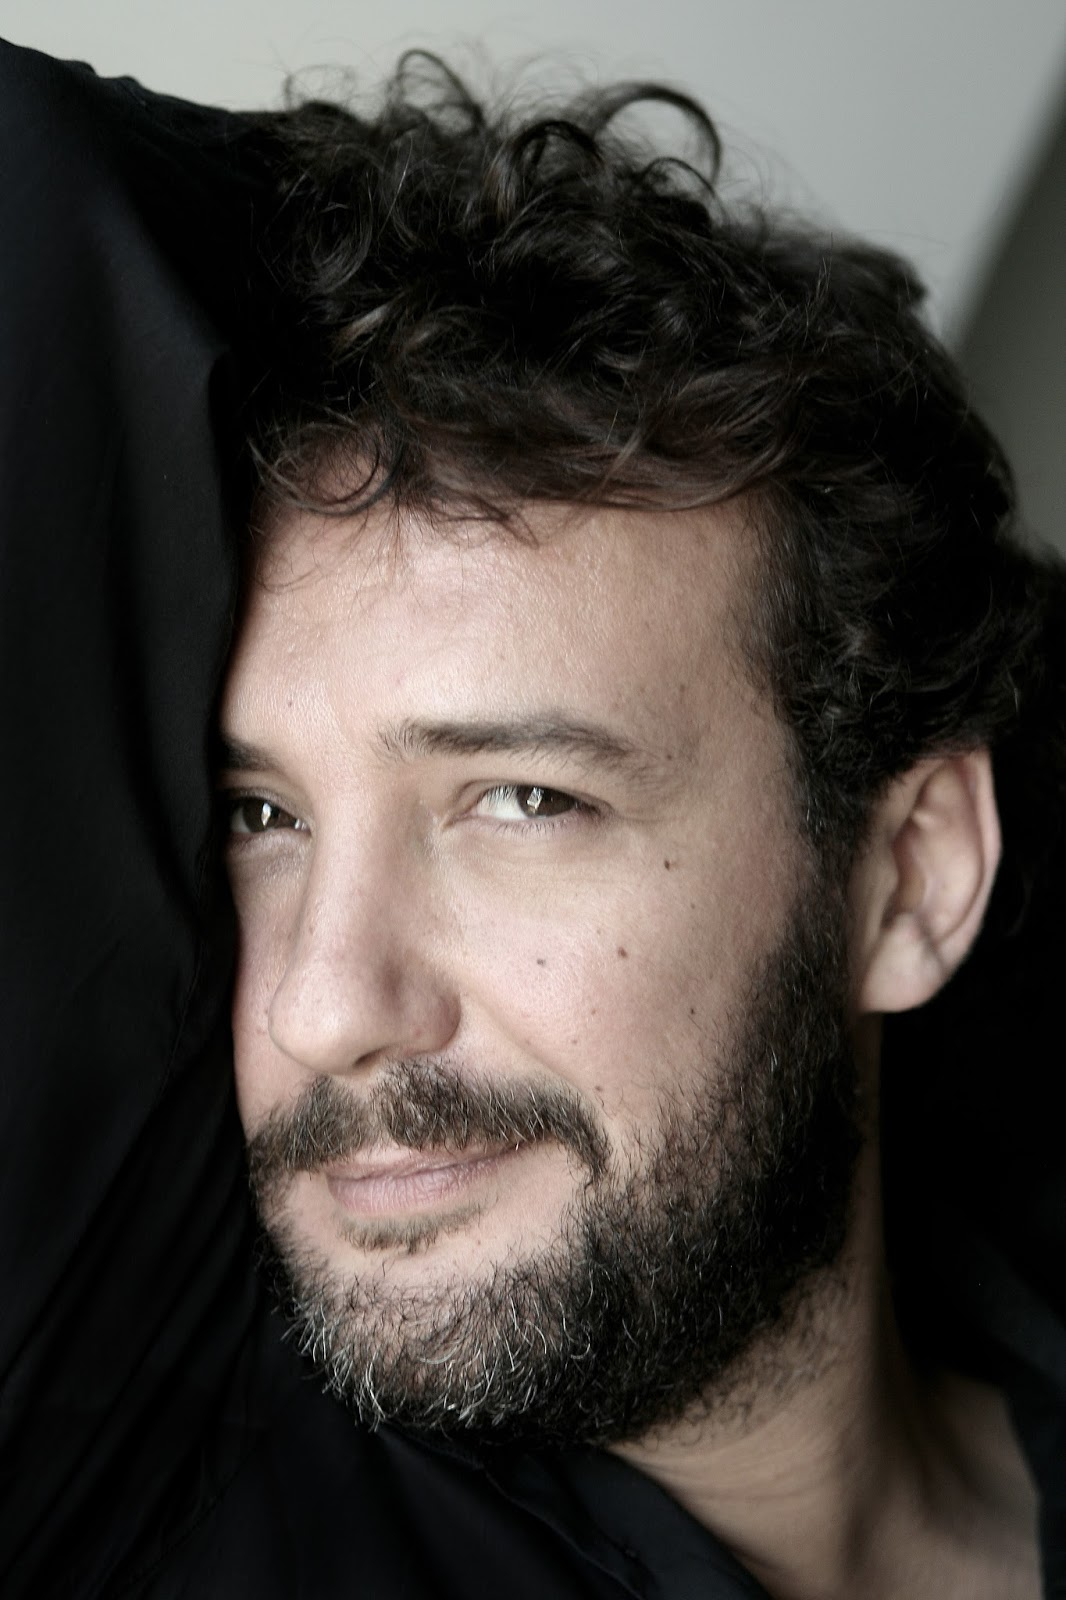 carlos garcia perez: